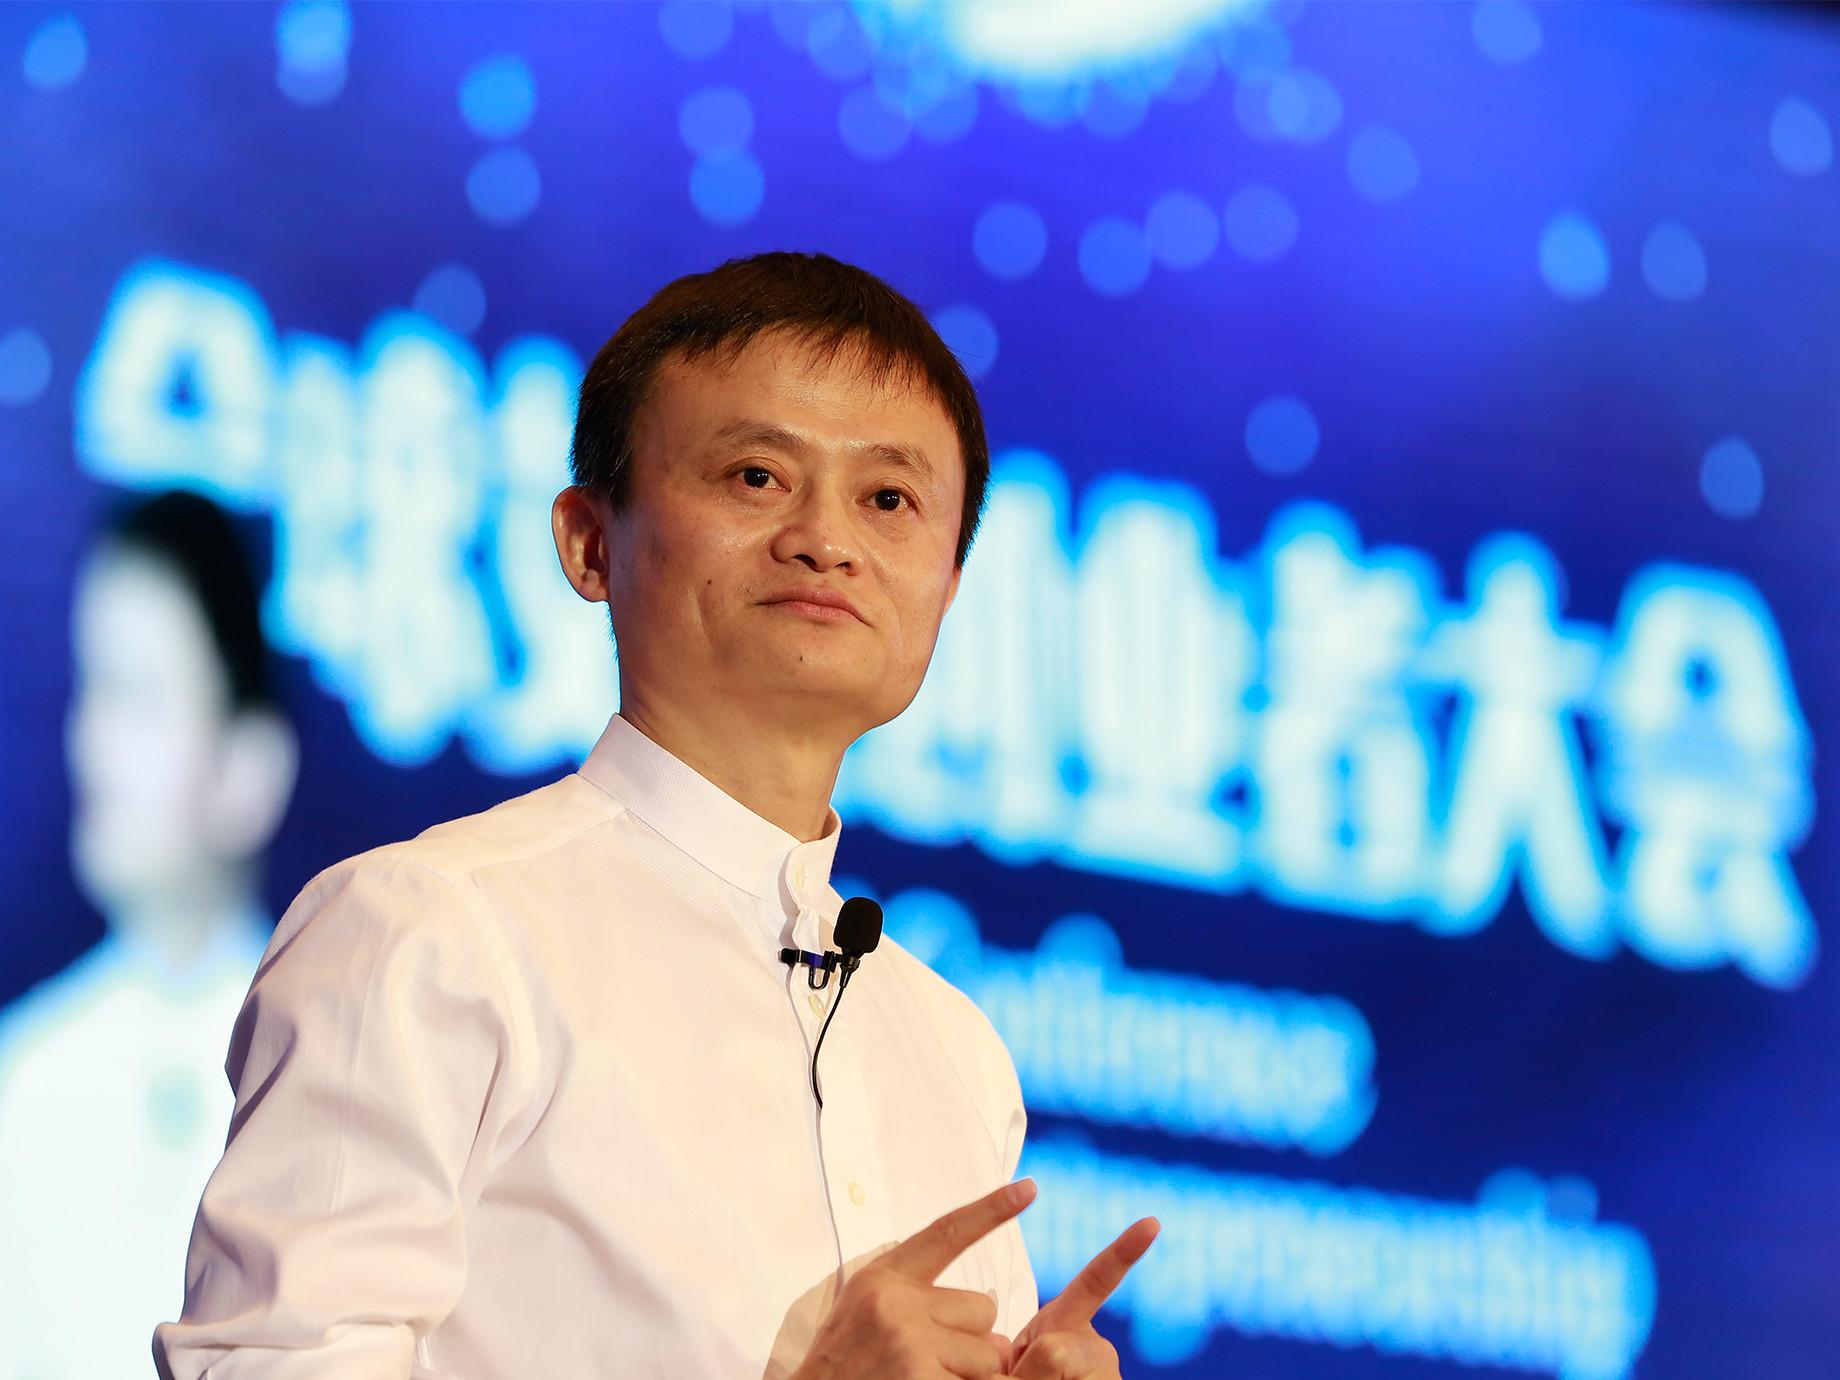 衝20年後全球第五大經濟體,阿里將帶著中國成為全球跨境電商贏家?